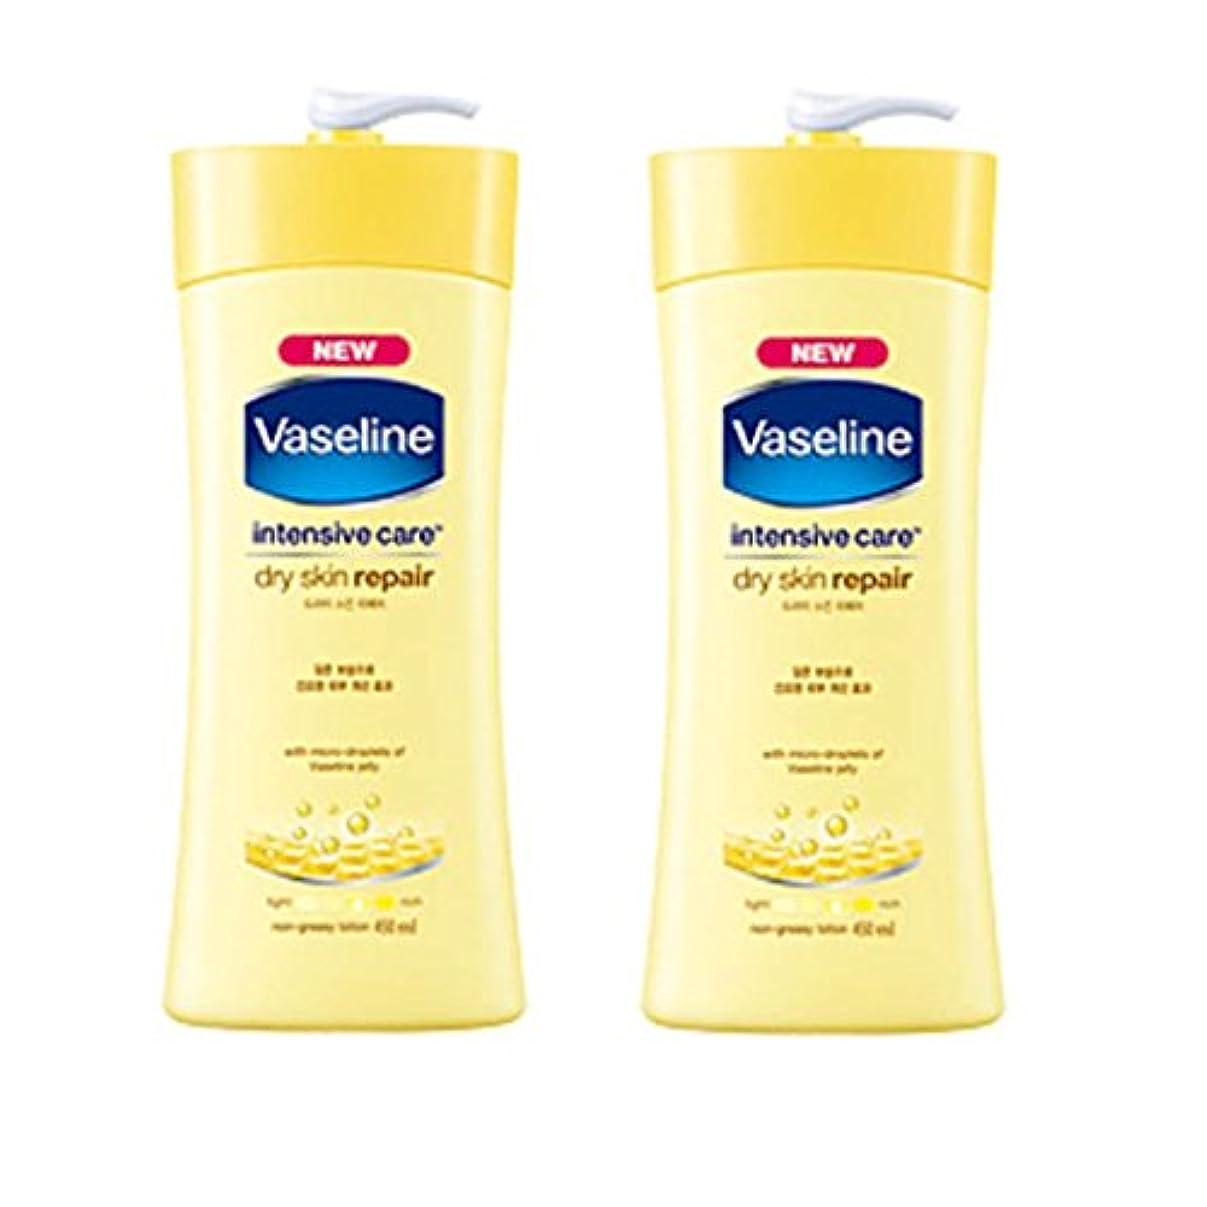 留まる極小発疹ヴァセリン インテンシブケア ドライスキン リペアローション(Vaseline Intensive Care Dry Skin Repair Lotion) 450ml X 2個 [並行輸入品]